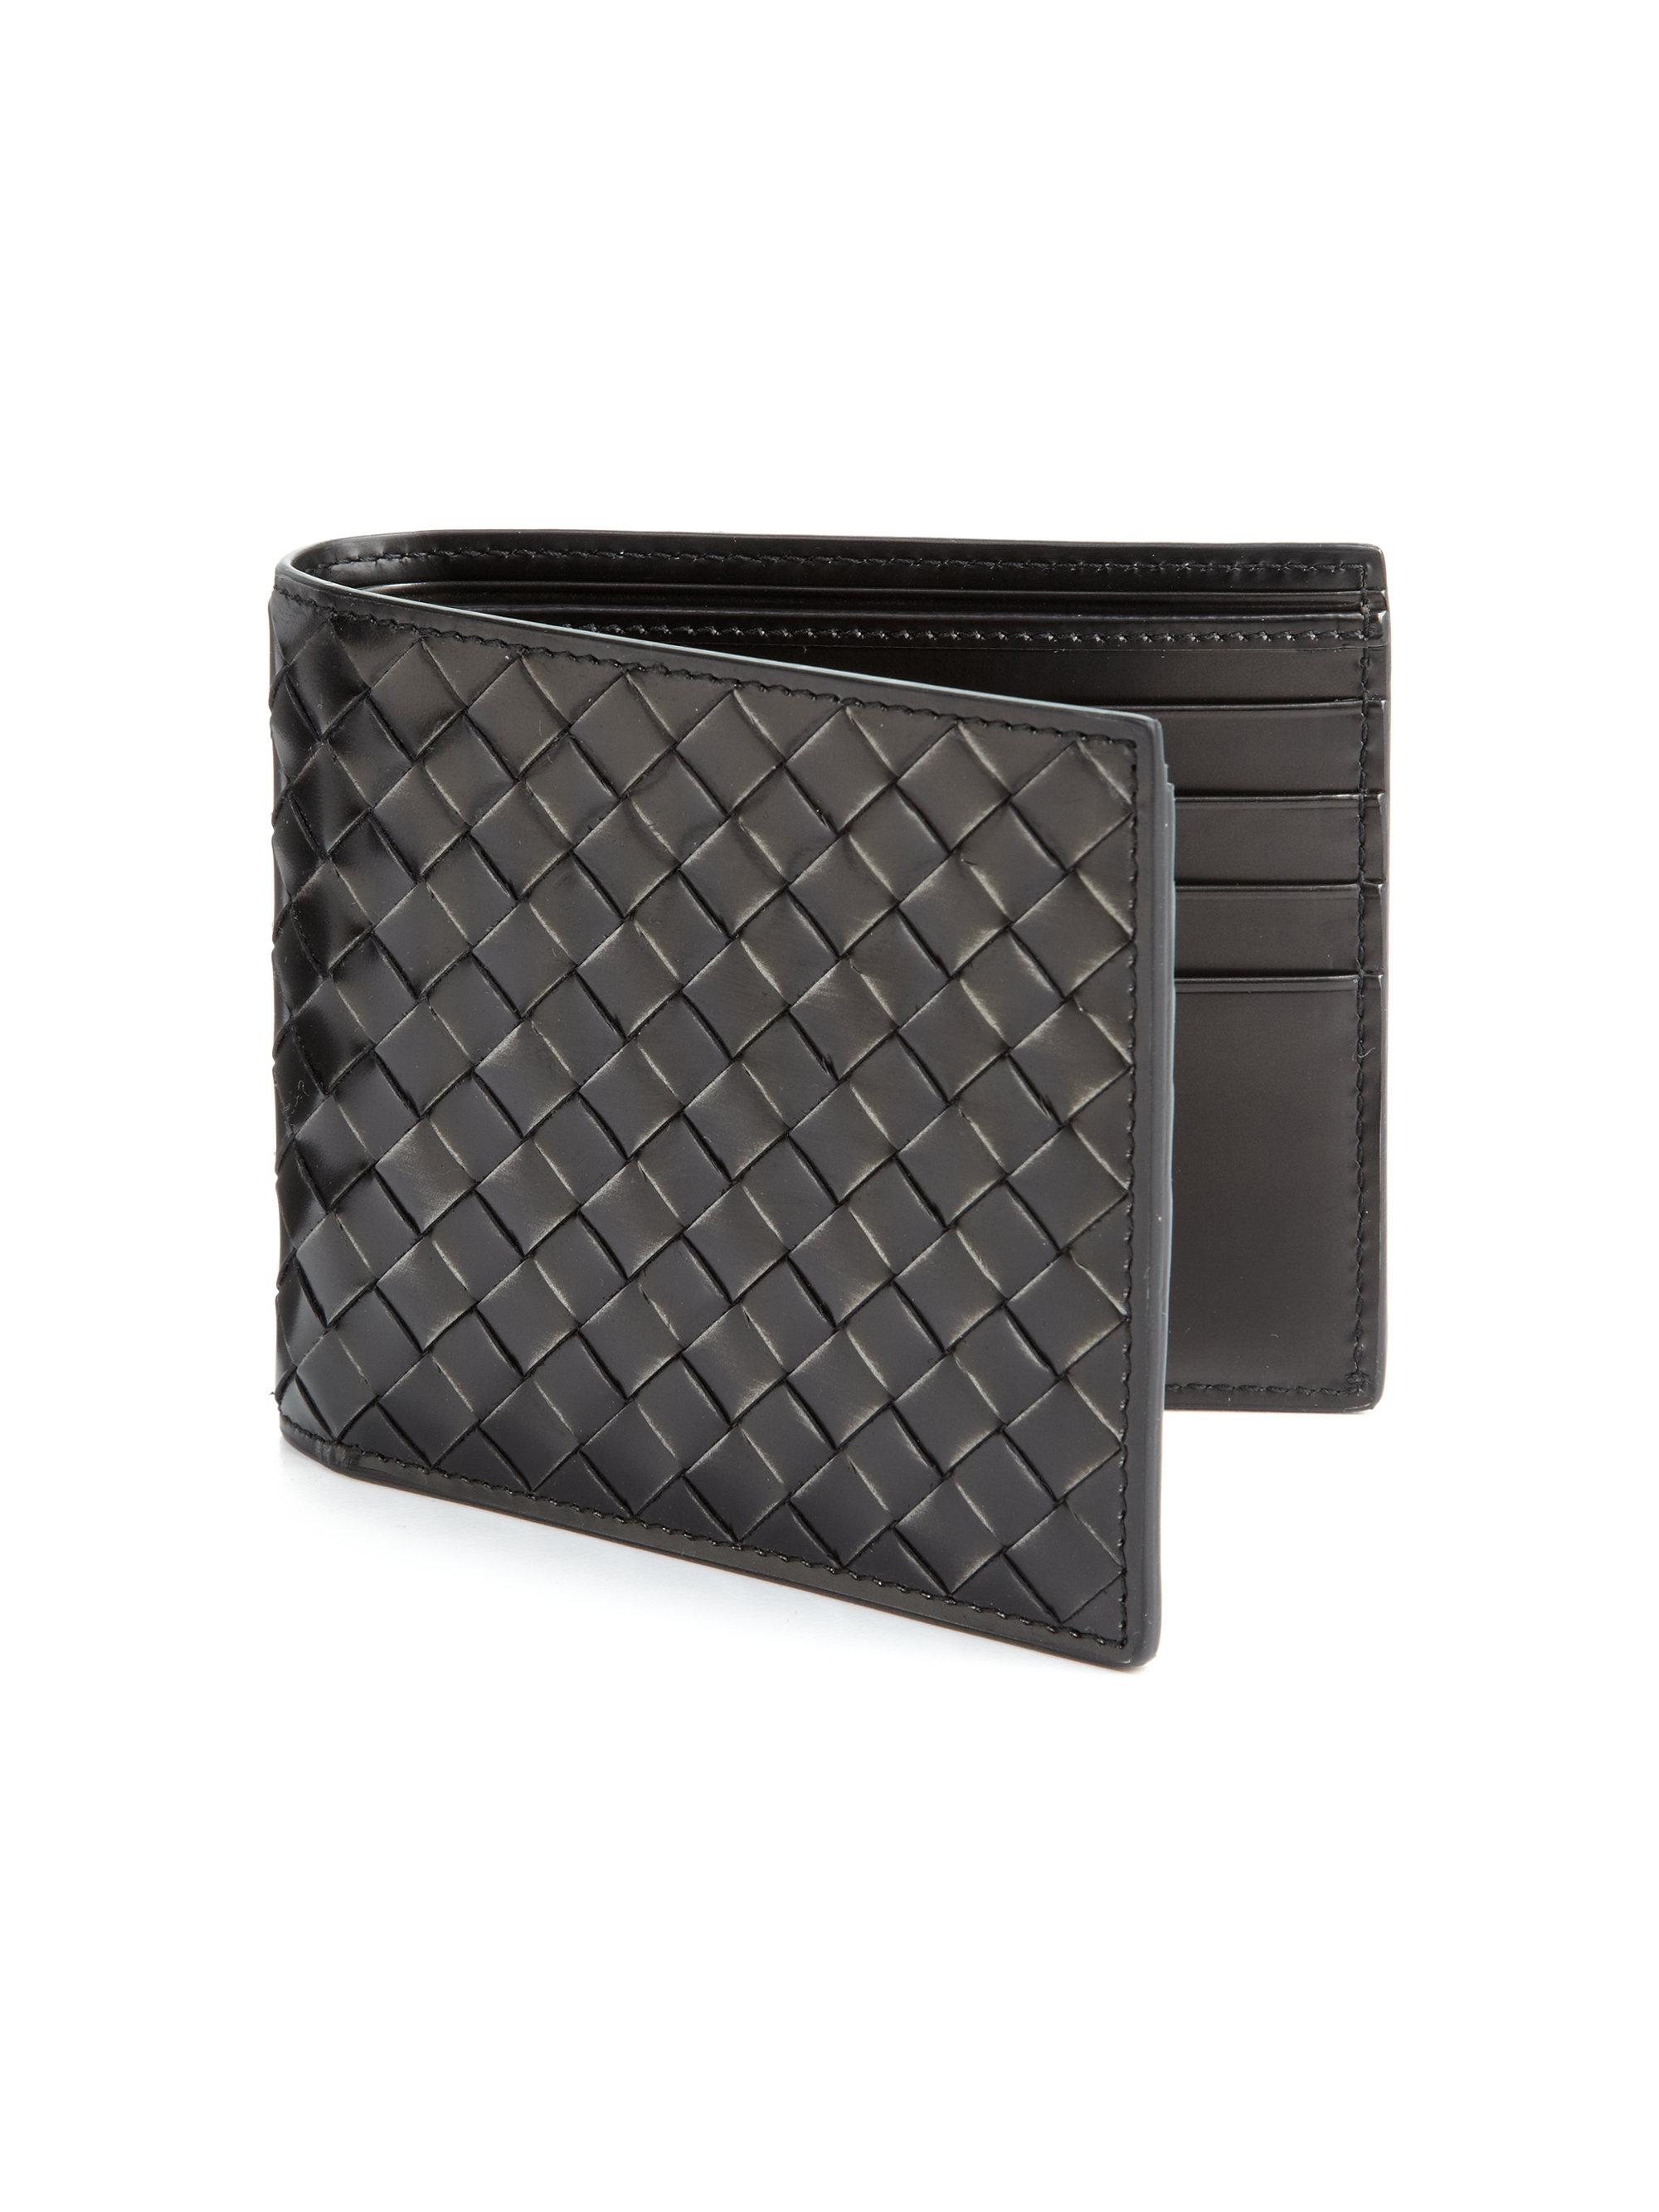 Bottega Veneta Intreccio Leather Bifold Wallet in Black b36783be3b866